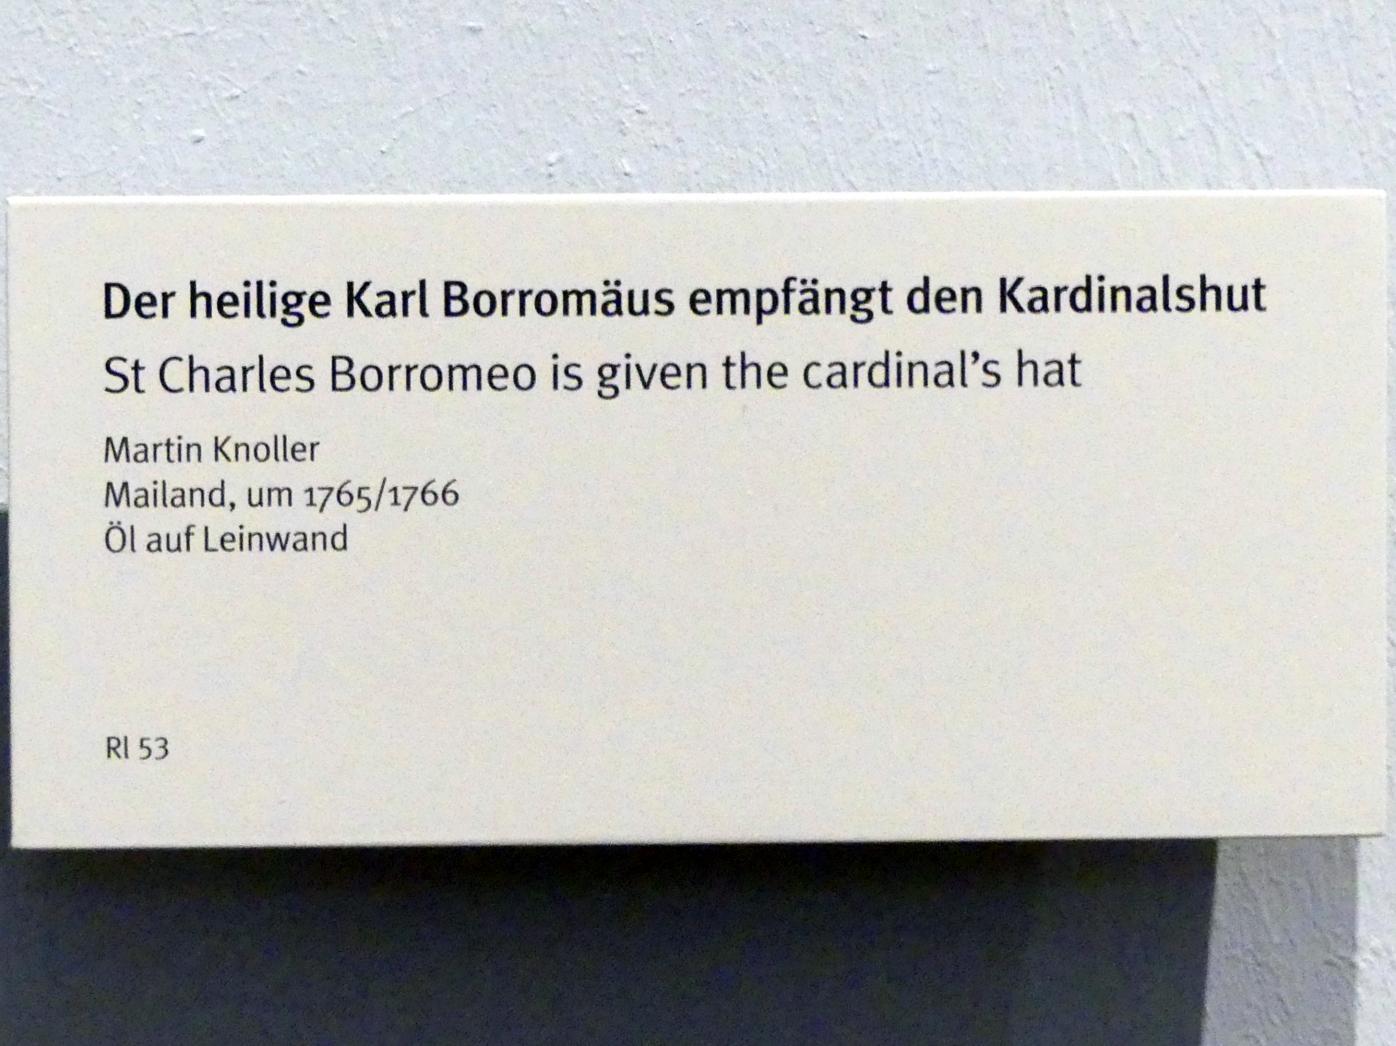 Martin Knoller: Der heilige Karl Borromäus empfängt den Kardinalshut, um 1765 - 1766, Bild 2/2